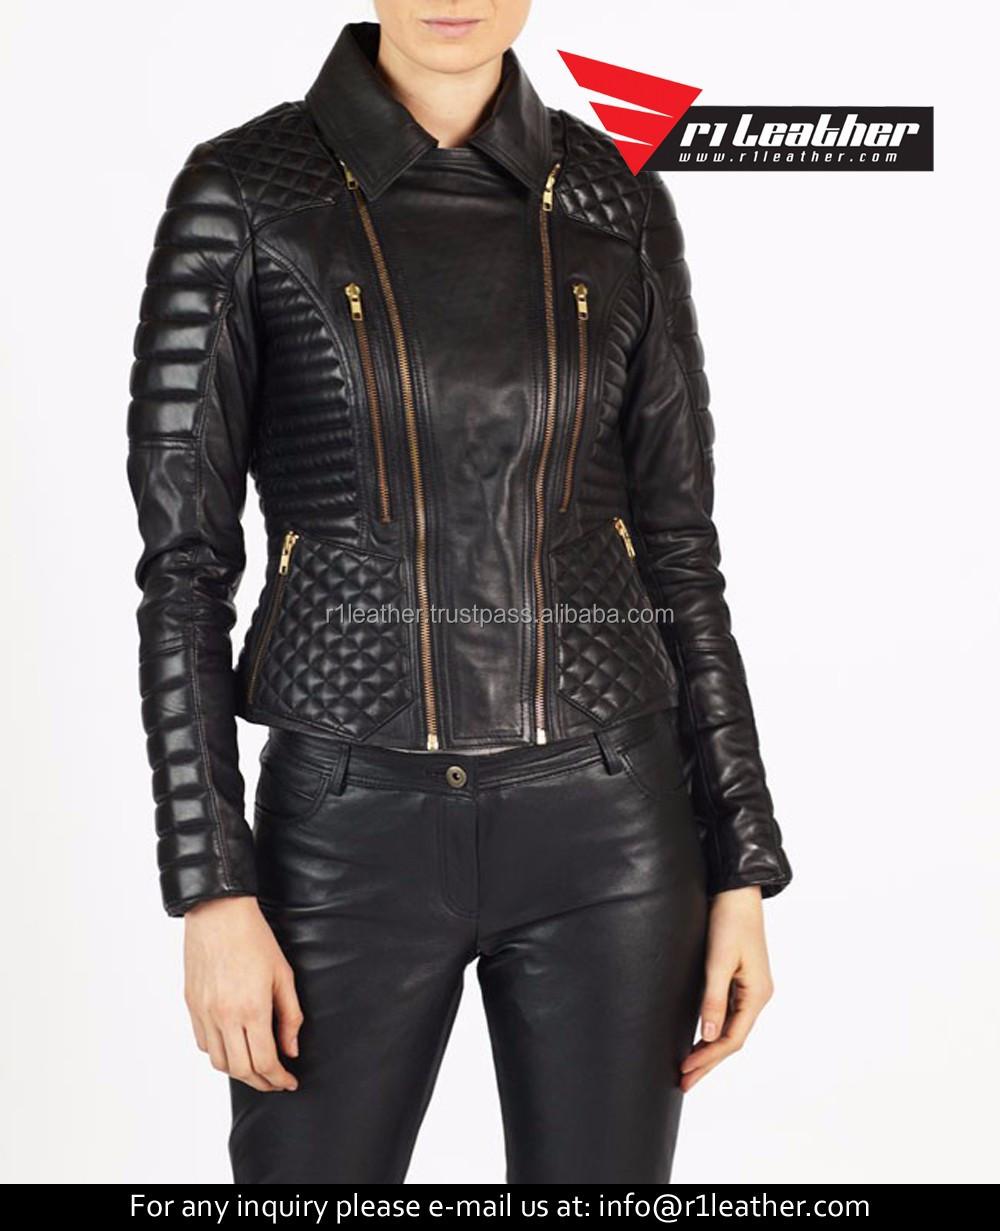 aaf0c730e Pakistan Ladies Leather Jacket Price